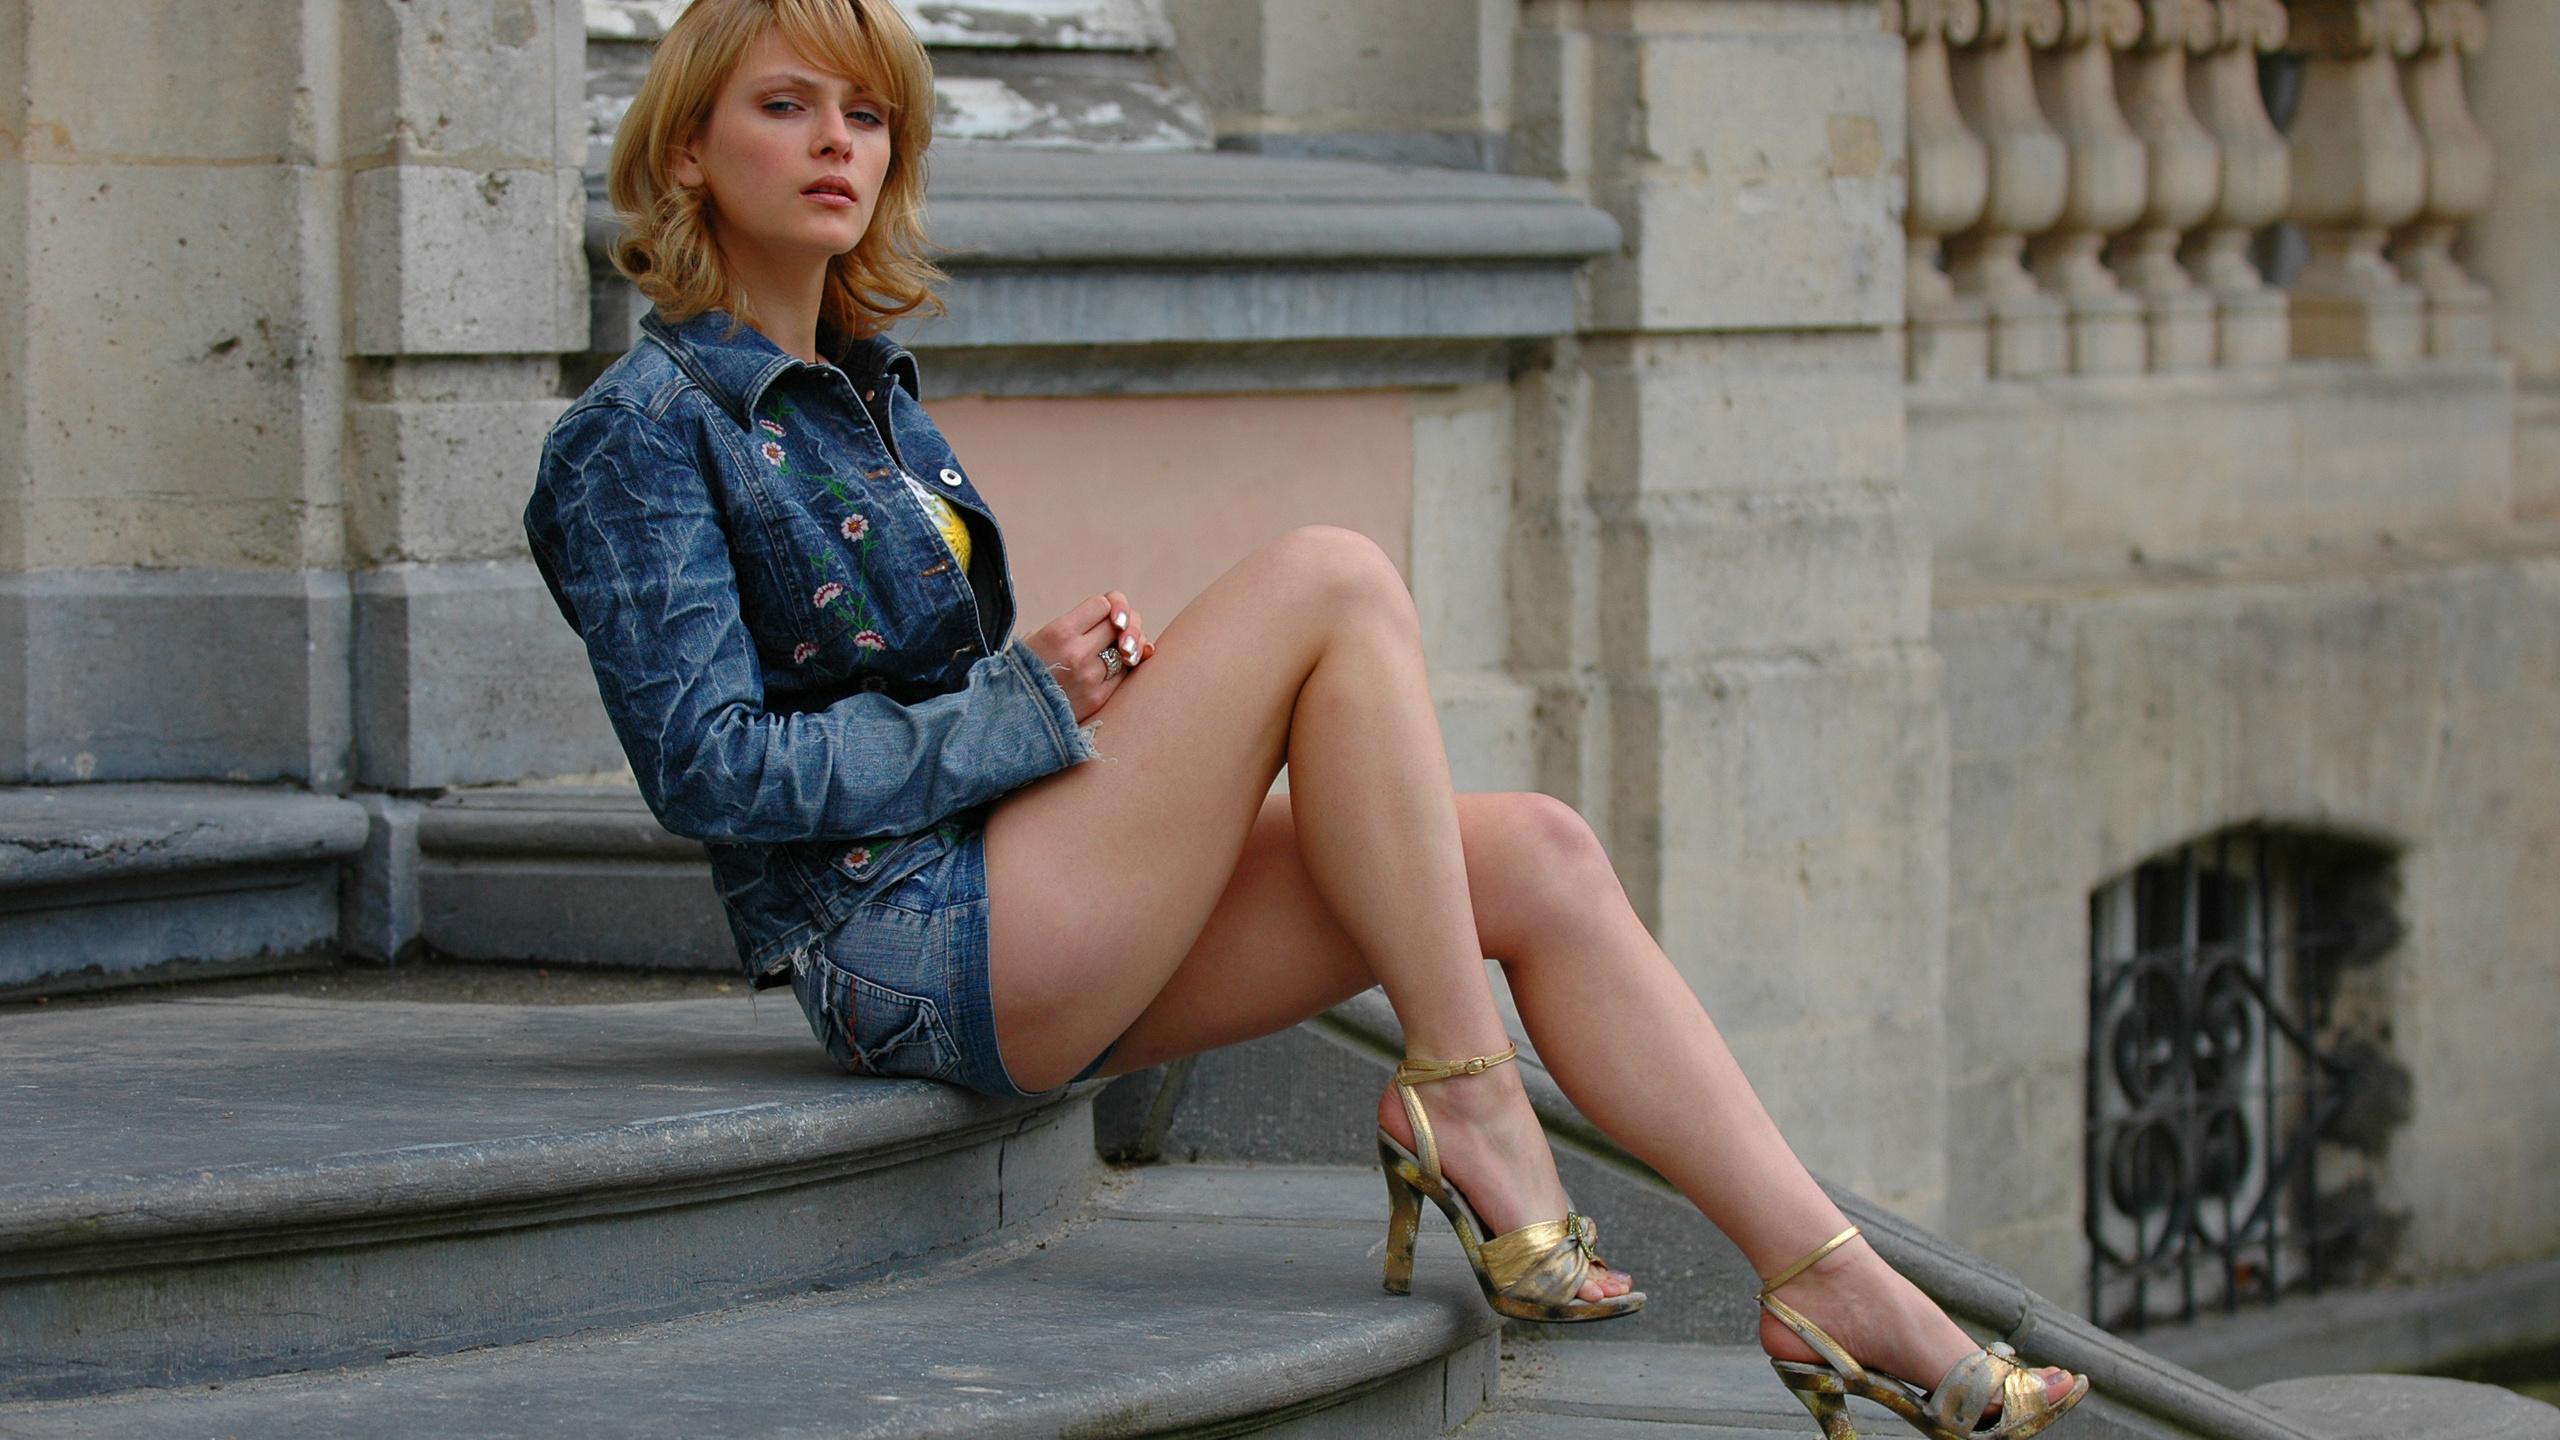 фото русских девушек в босоножках хочет